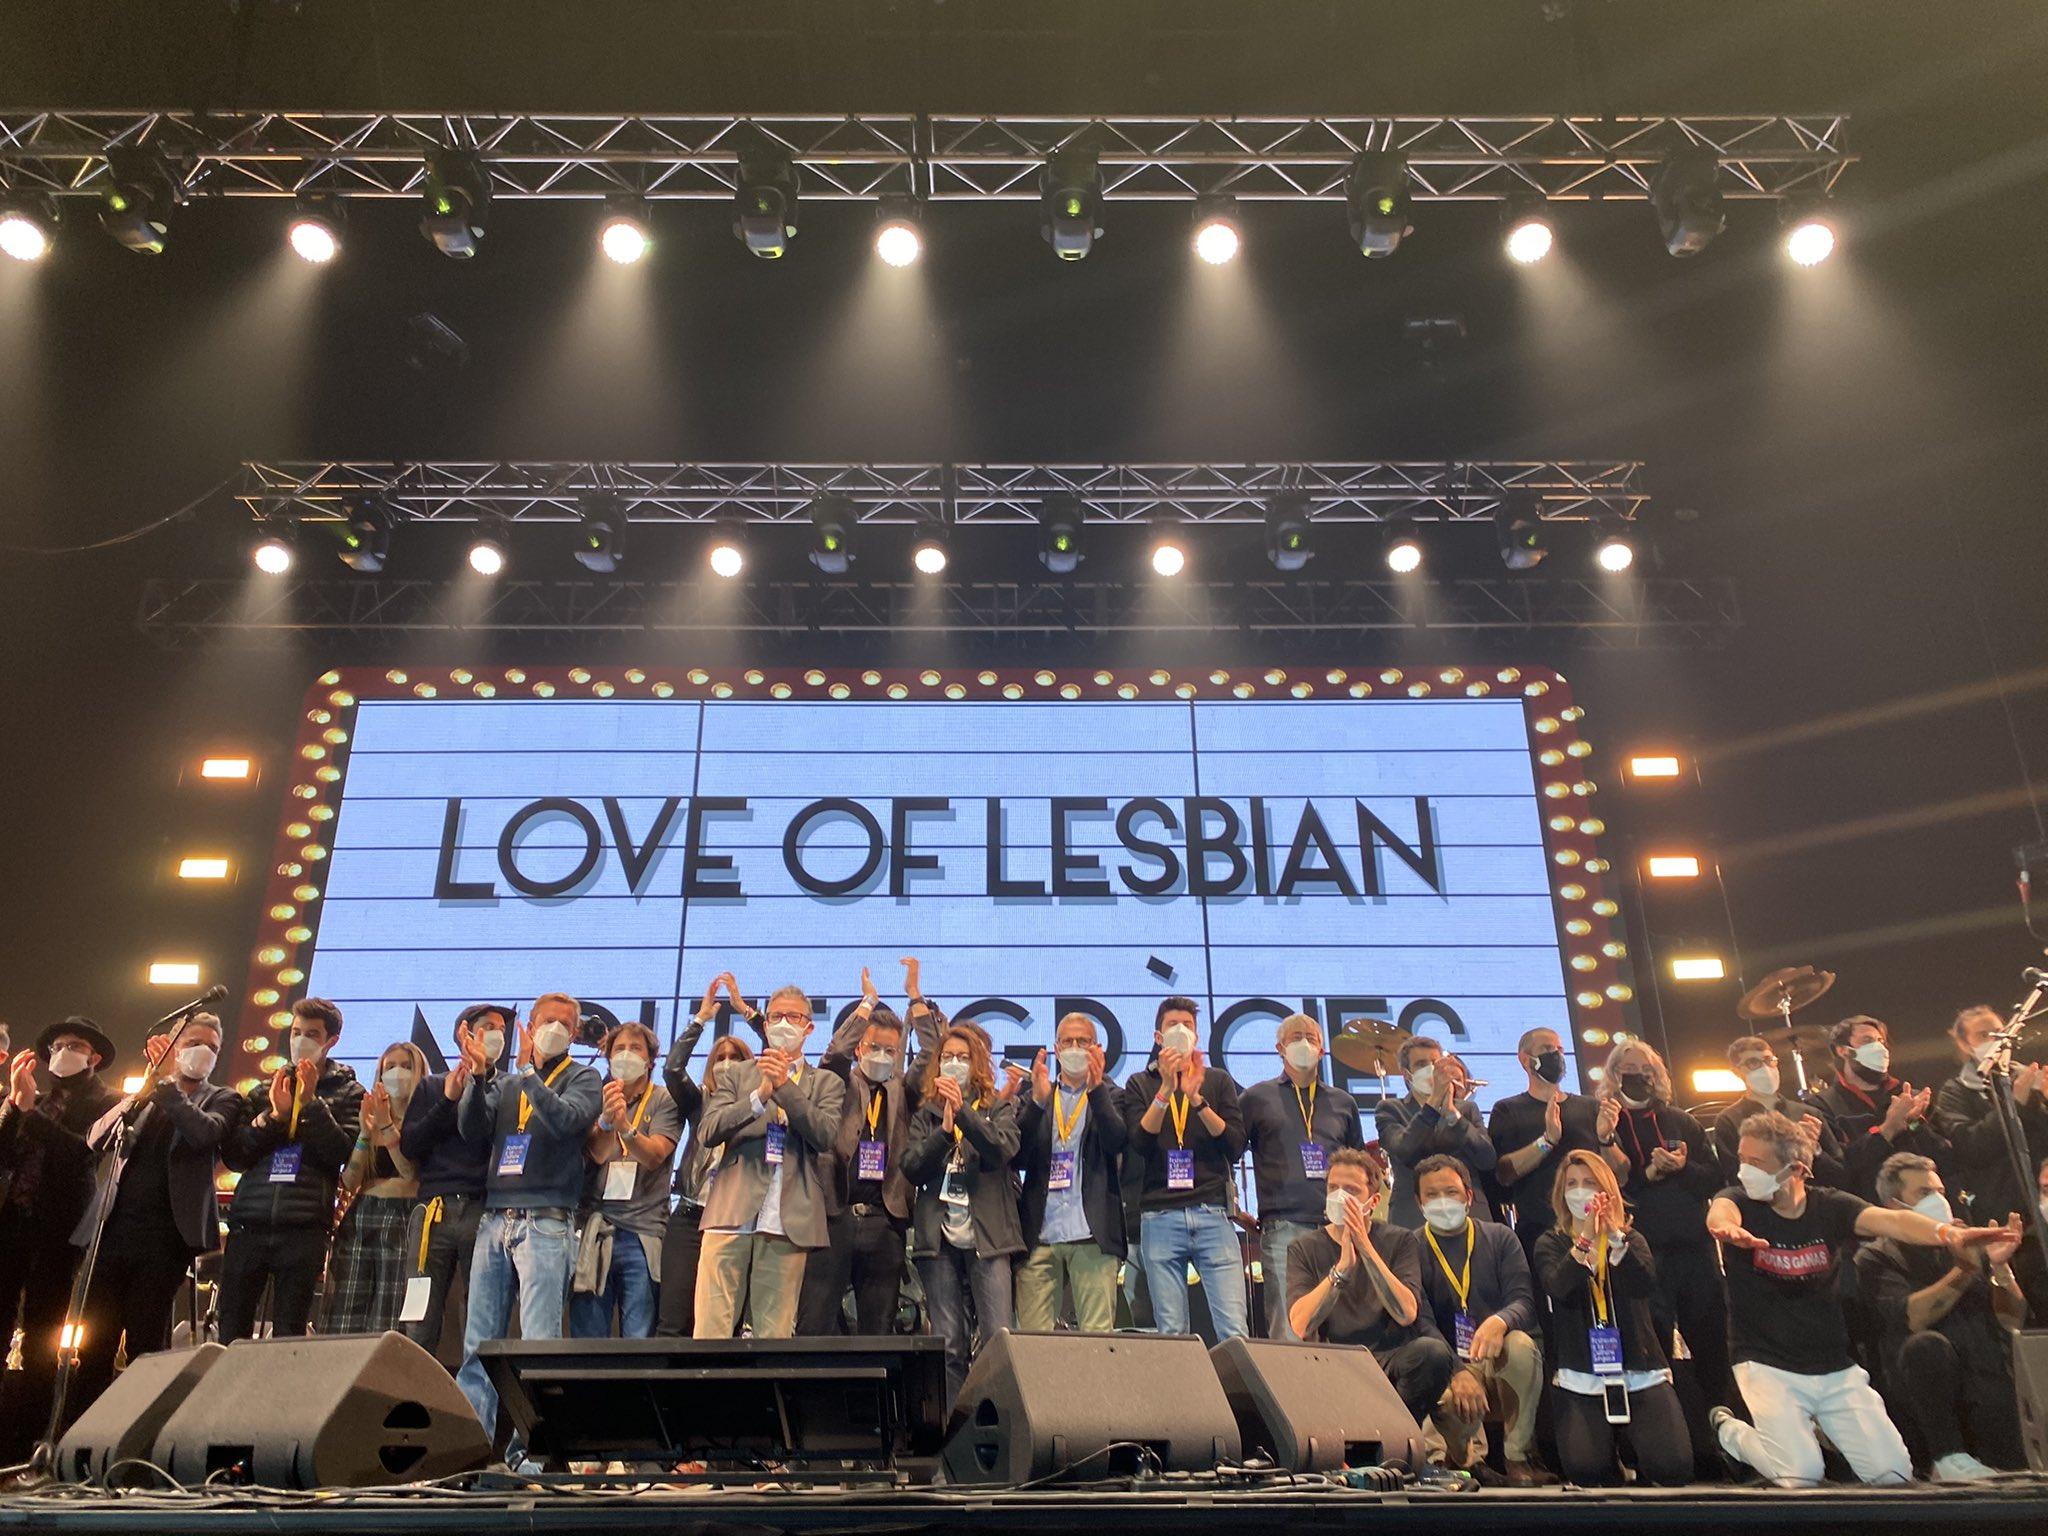 Concierto en Barcelona de Love of Lebiam. Foto. Fundació Lluita contra la #Sida i les Malalties Infeccioses.